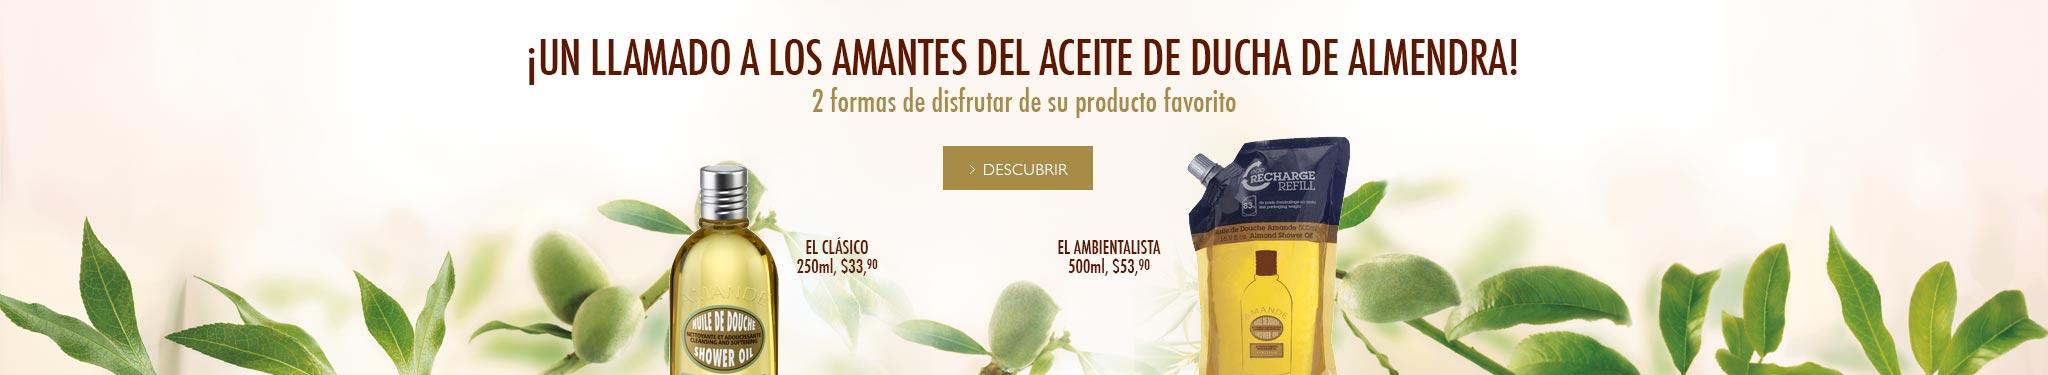 Enriquecido con aceite de almendra y lípidosque dejan la piel suave, satinada y con un delicado perfume de almendras